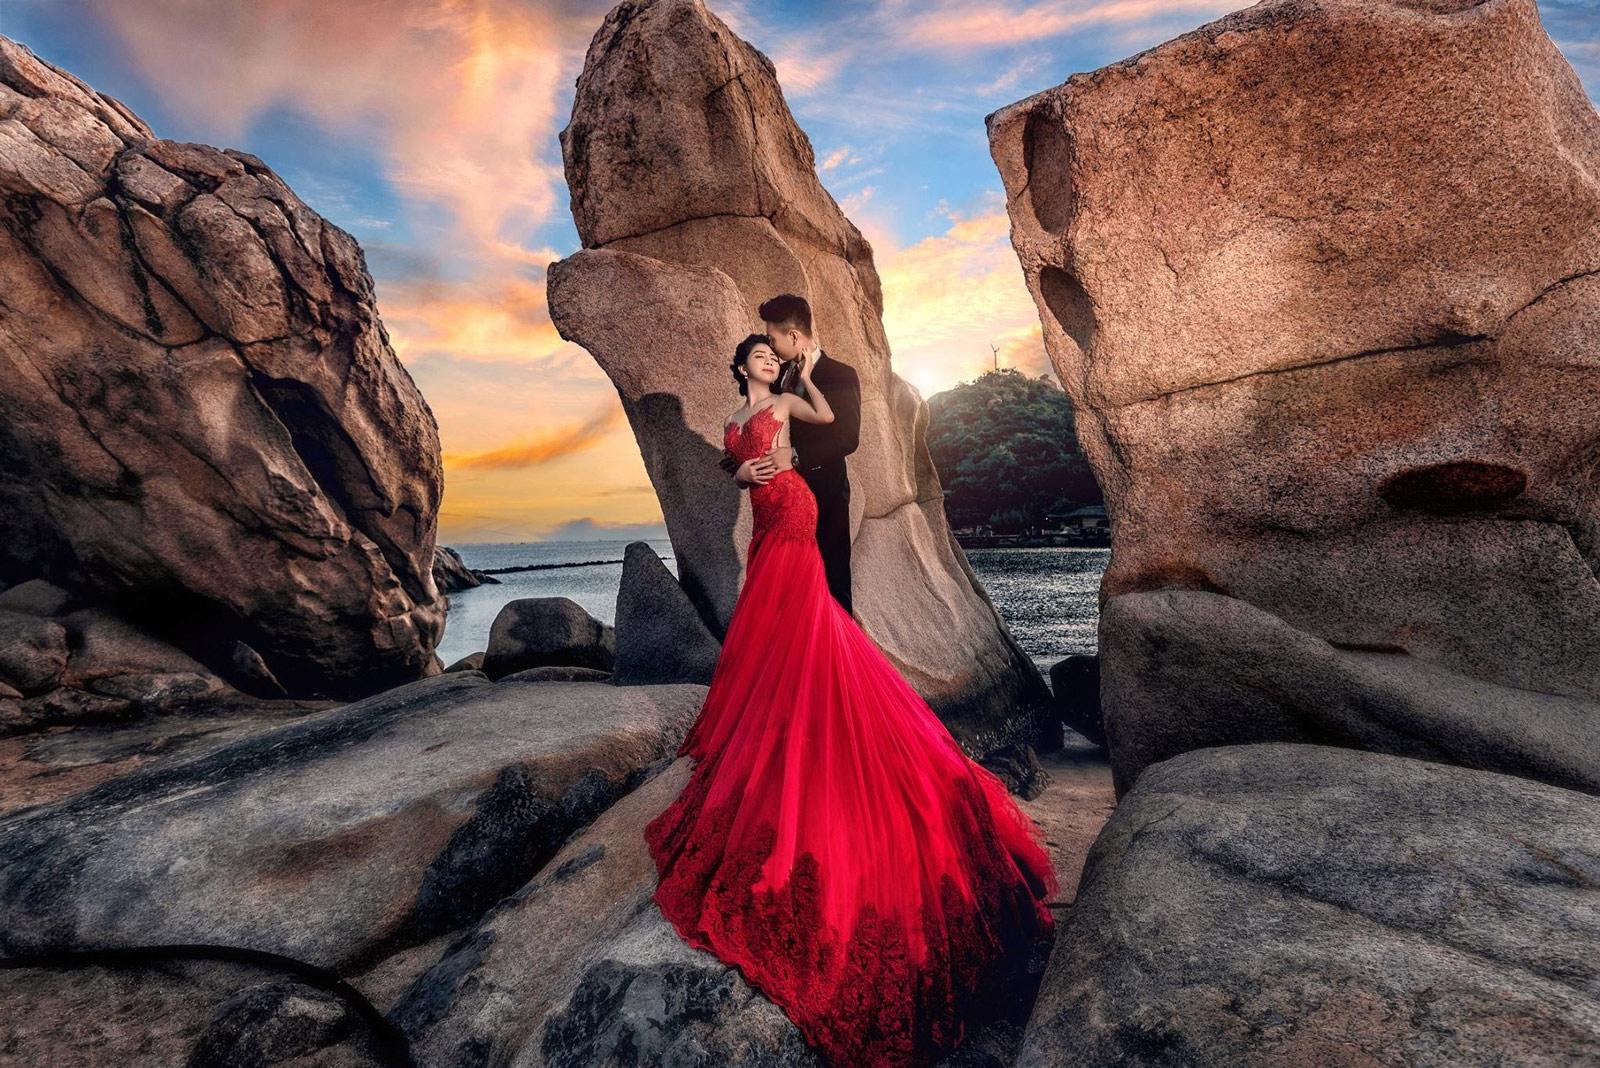 chụp ảnh cưới đẹp giá rẻ tphcm